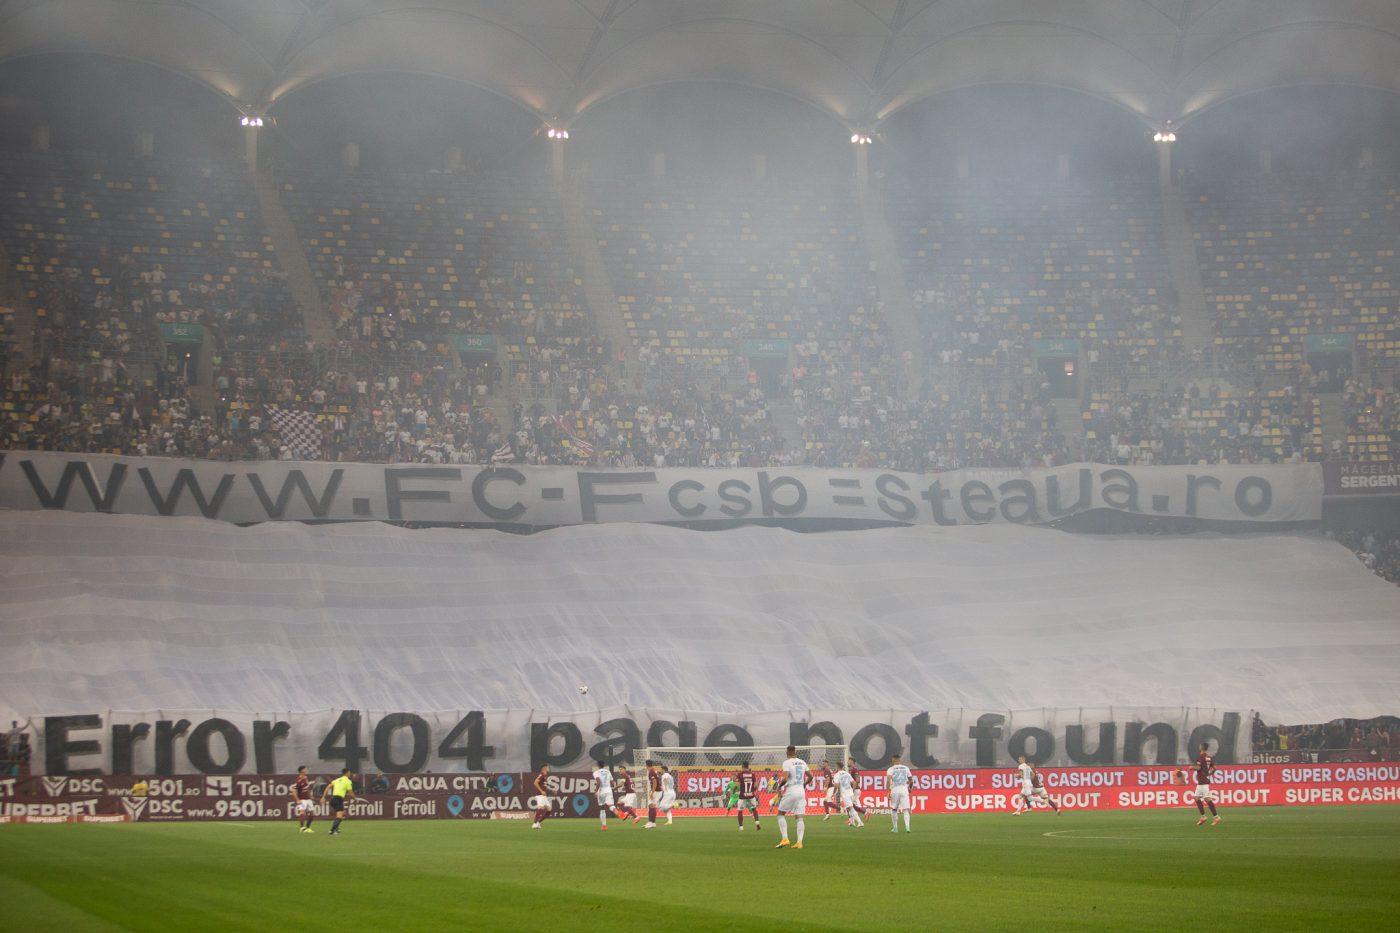 Fanii Rapidului au ironizat problemele de identitate ale FCSB-ului